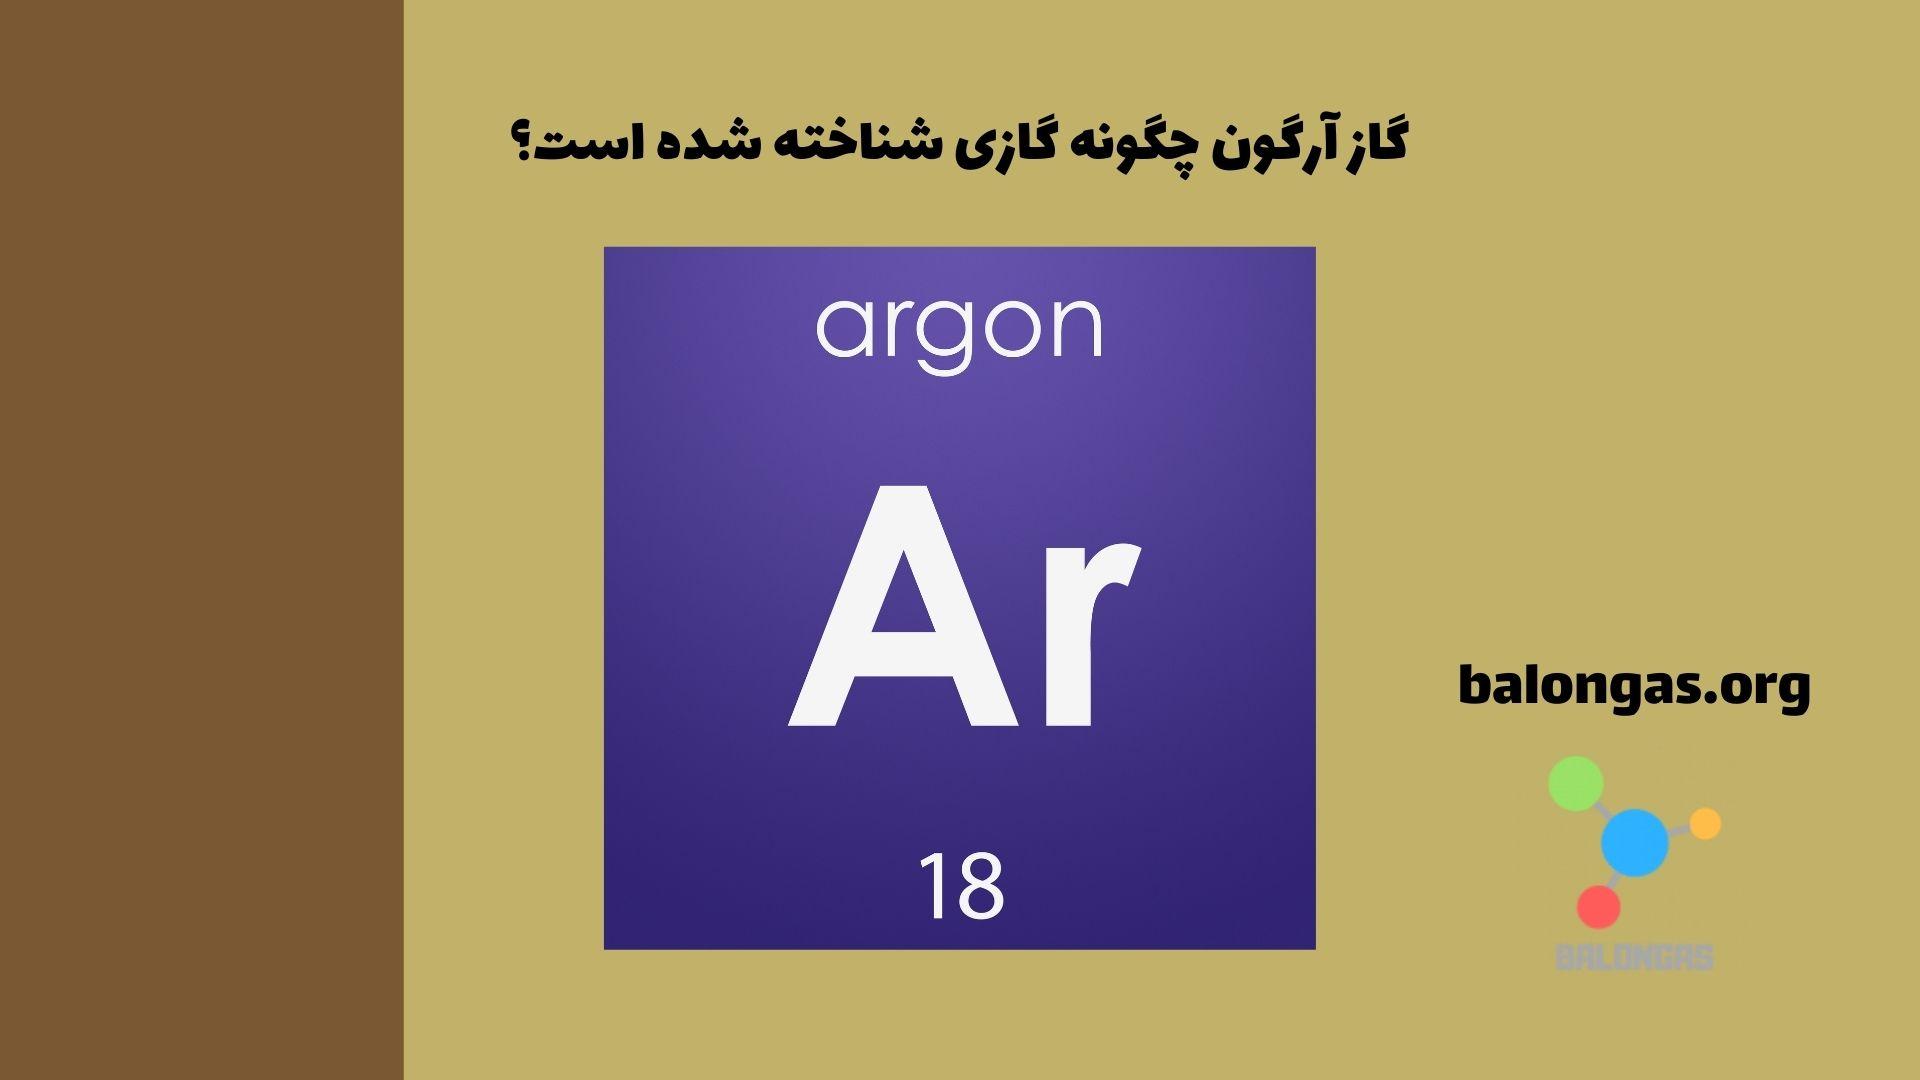 گاز آرگون چگونه گازی شناخته شده است؟